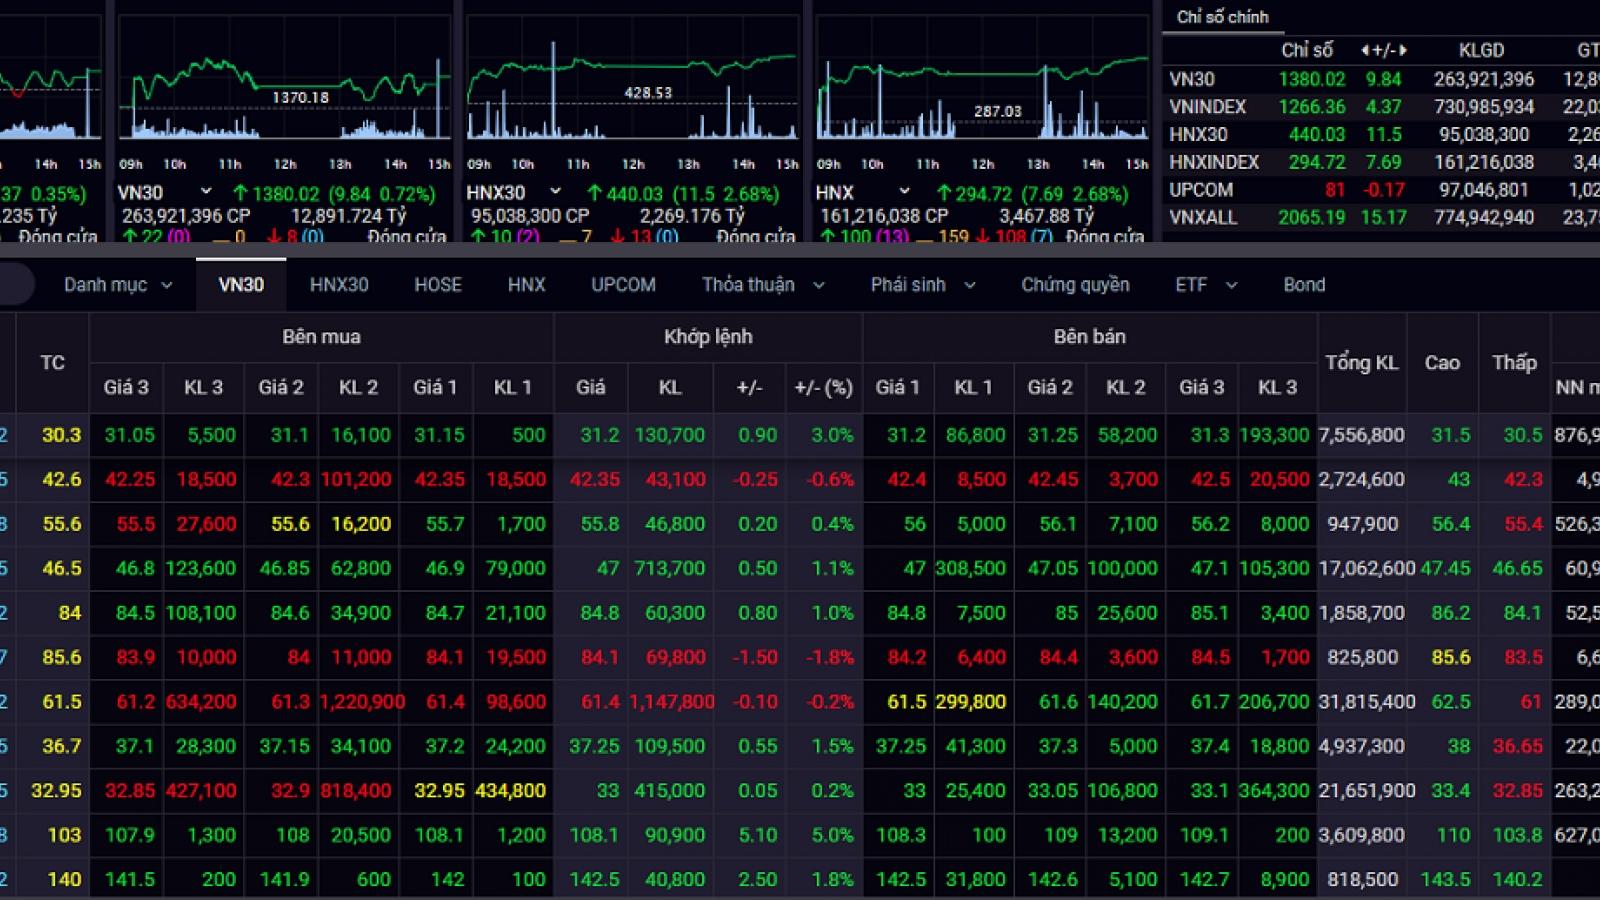 Cổ phiếu ngân hàng tiếp tục là tâm điểm trong phiên giao dịch cuối tuần